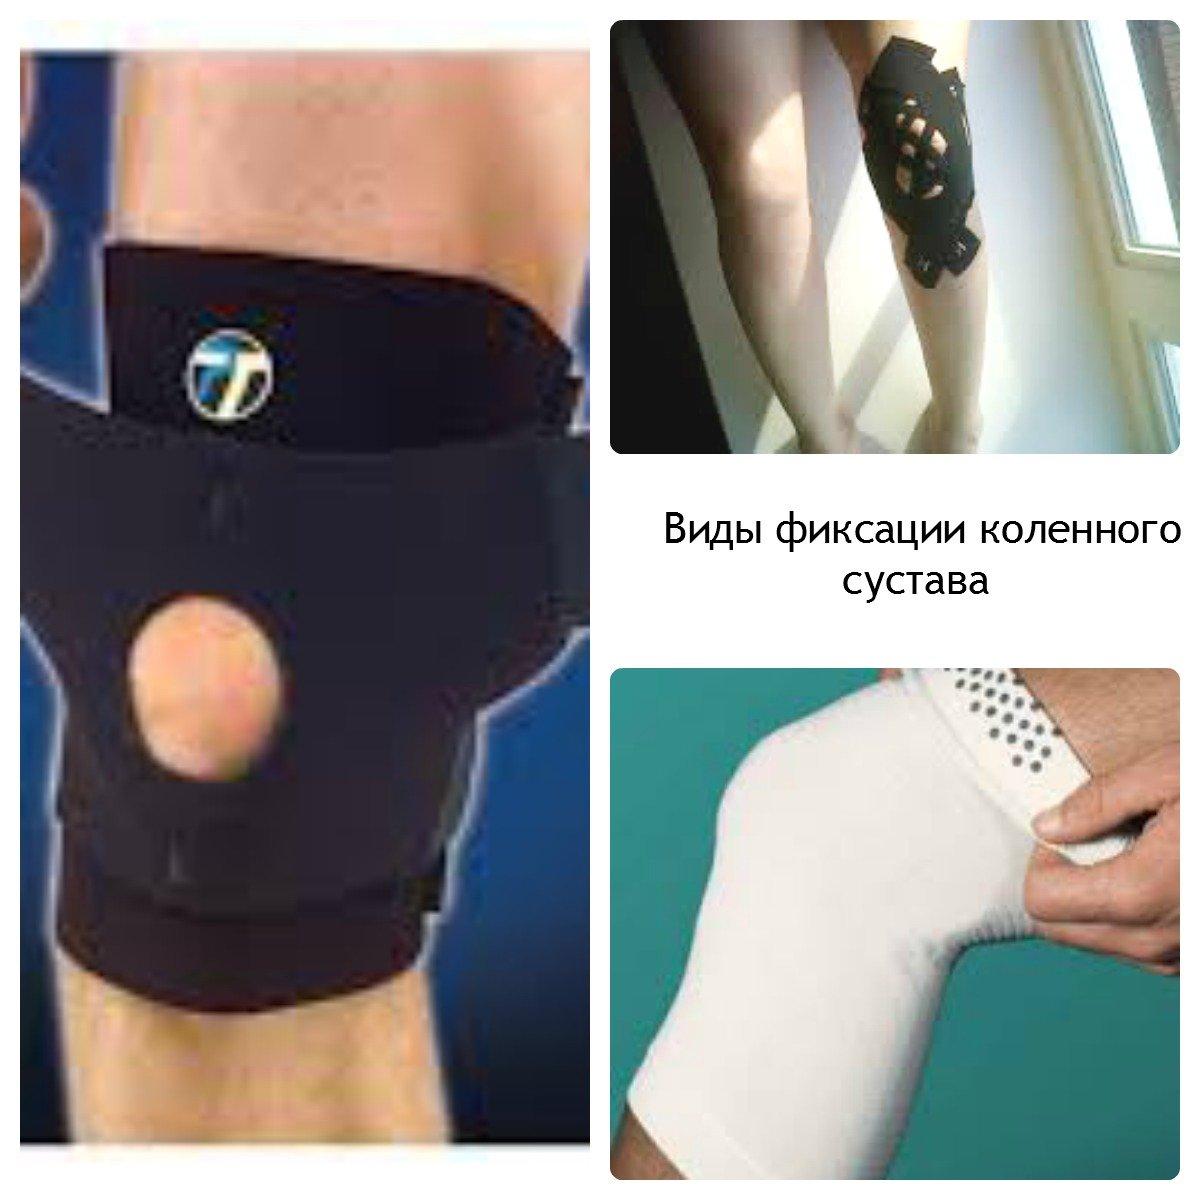 как лечить связки коленного сустава народными средствами